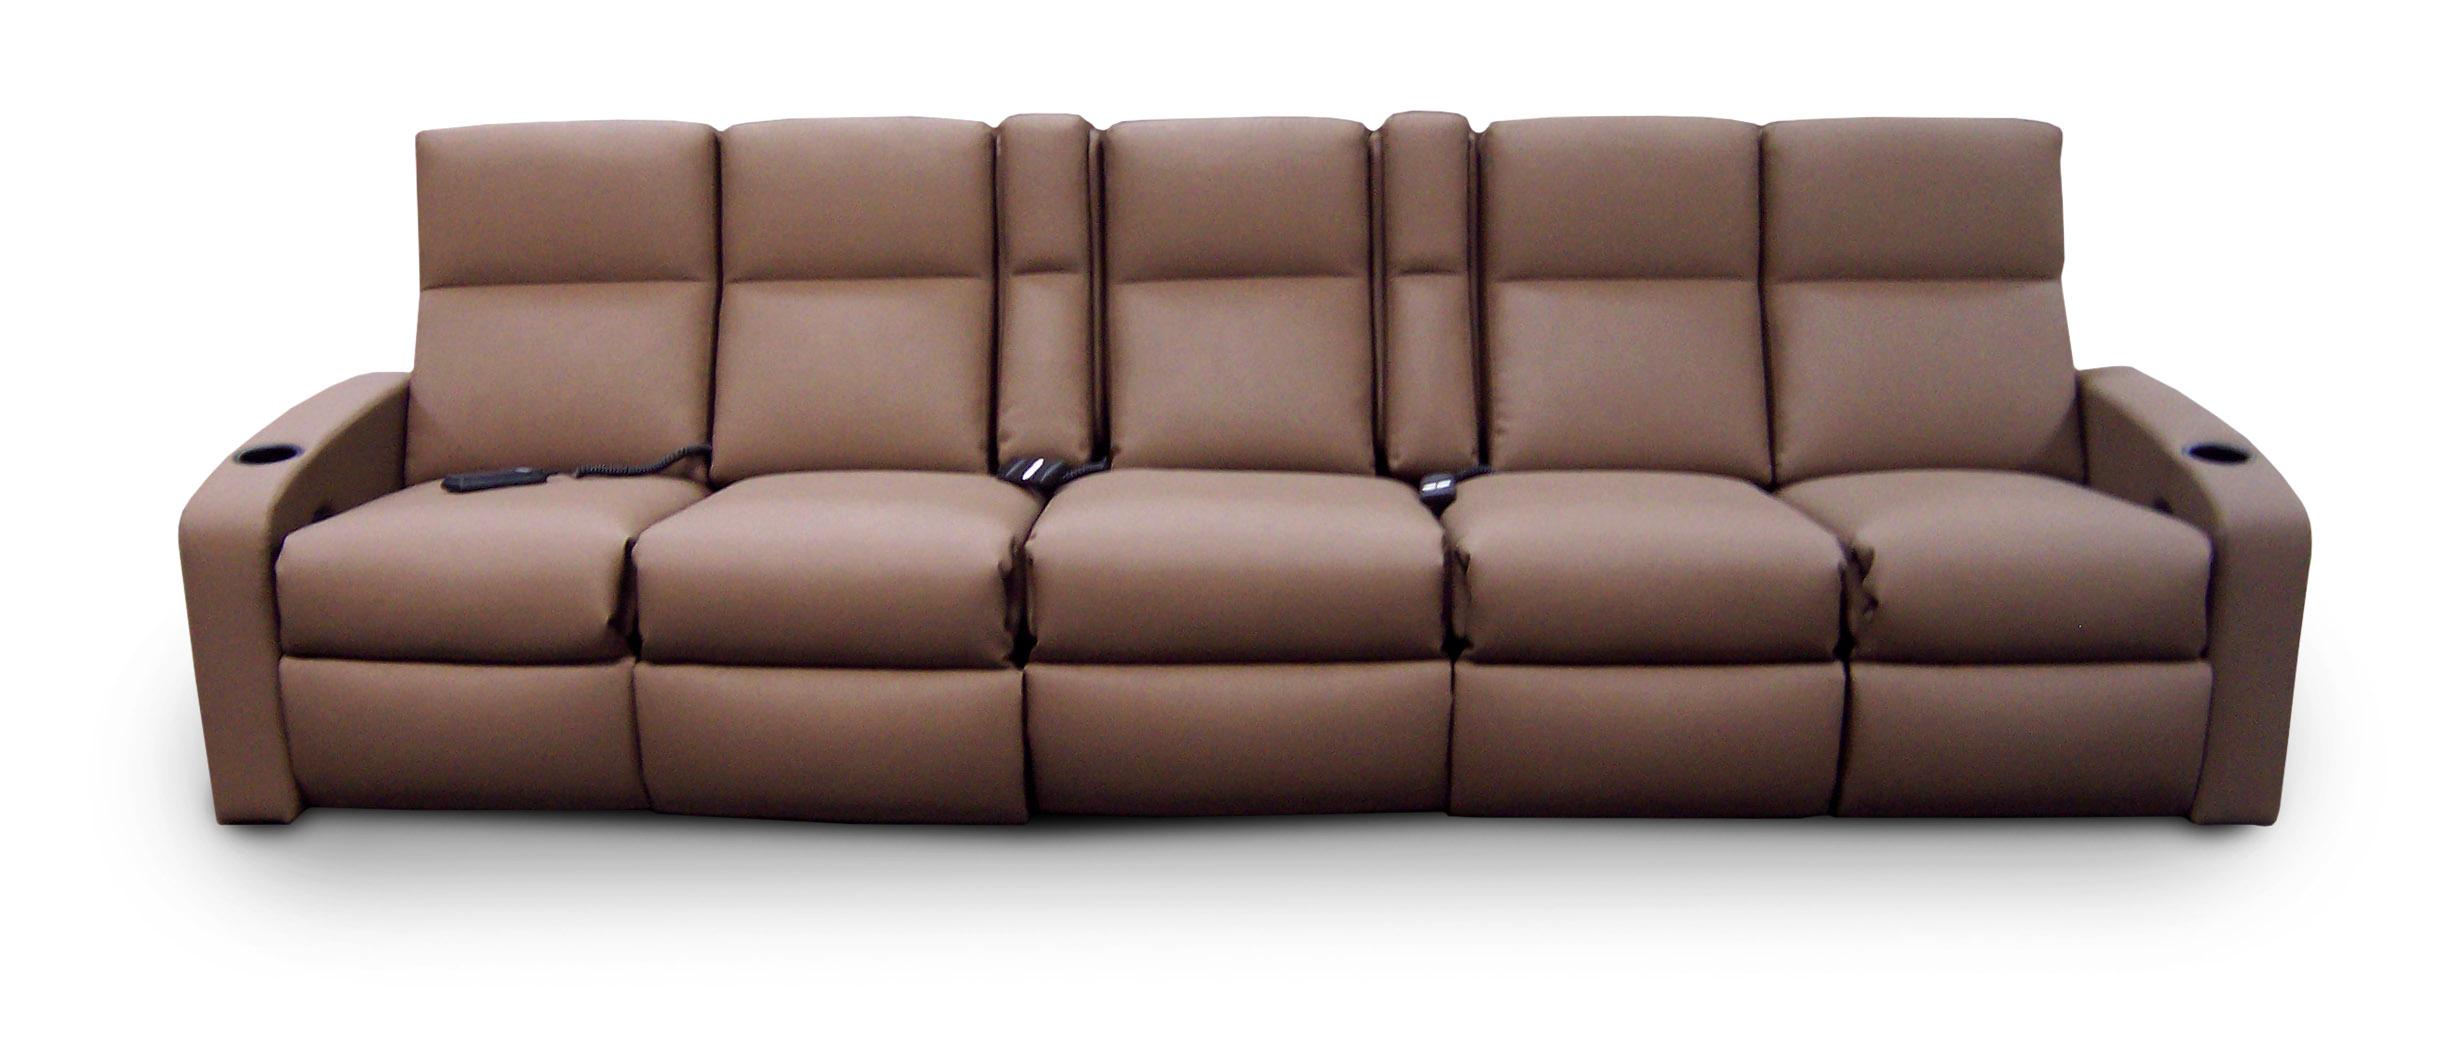 Dual-single-dual, center pocket arm unit, chaise footrest